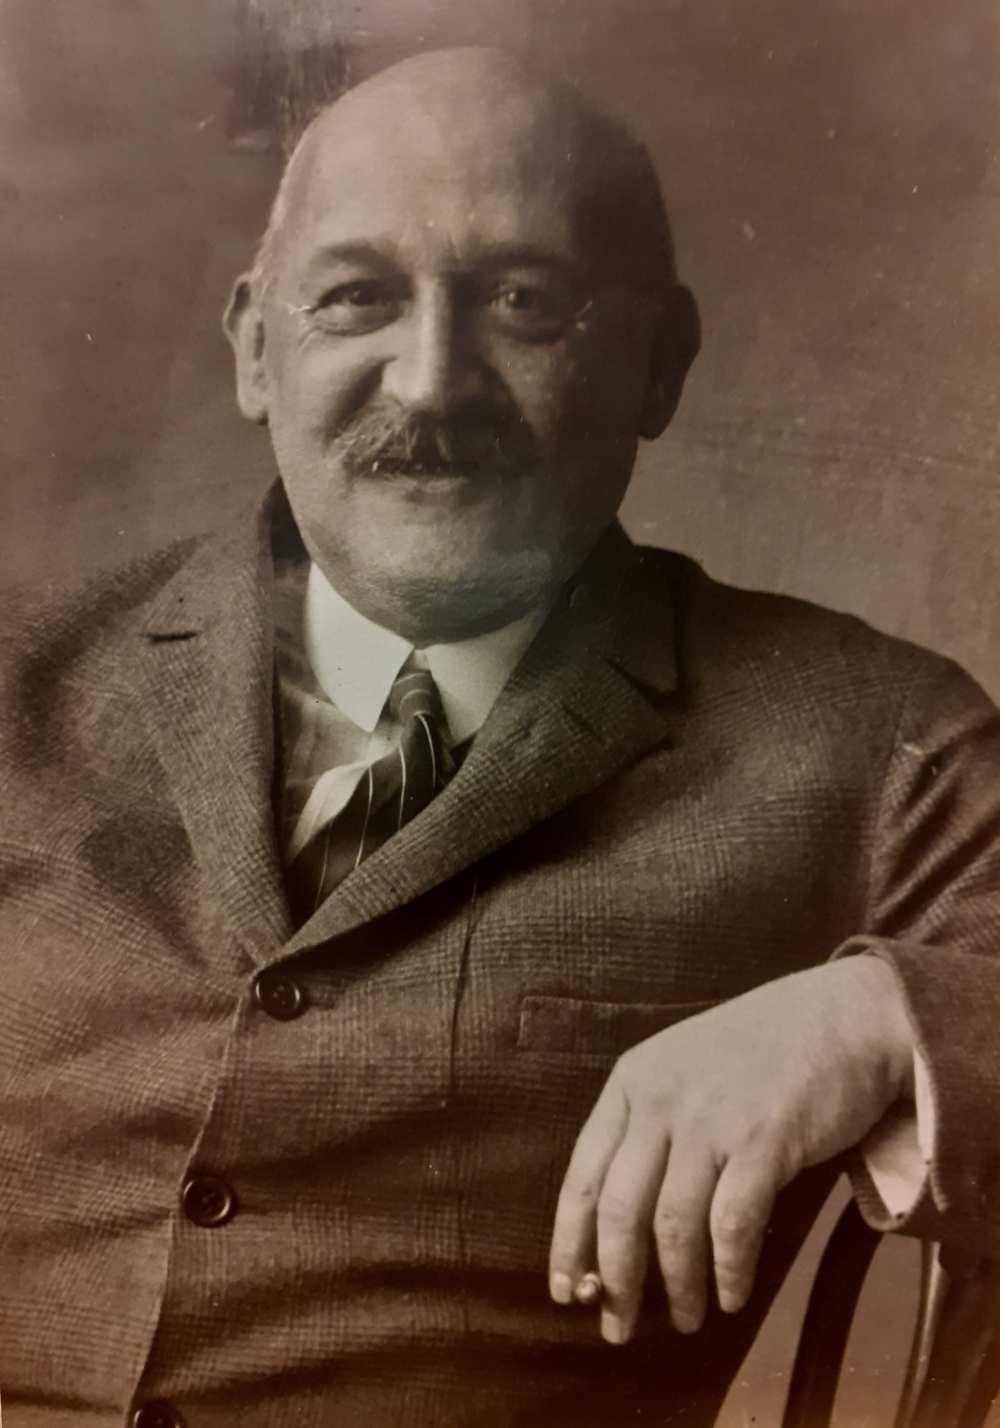 Beöthy László 1930 körül. Jelzet: KB 3683.2 – Színháztörténeti és Zeneműtár